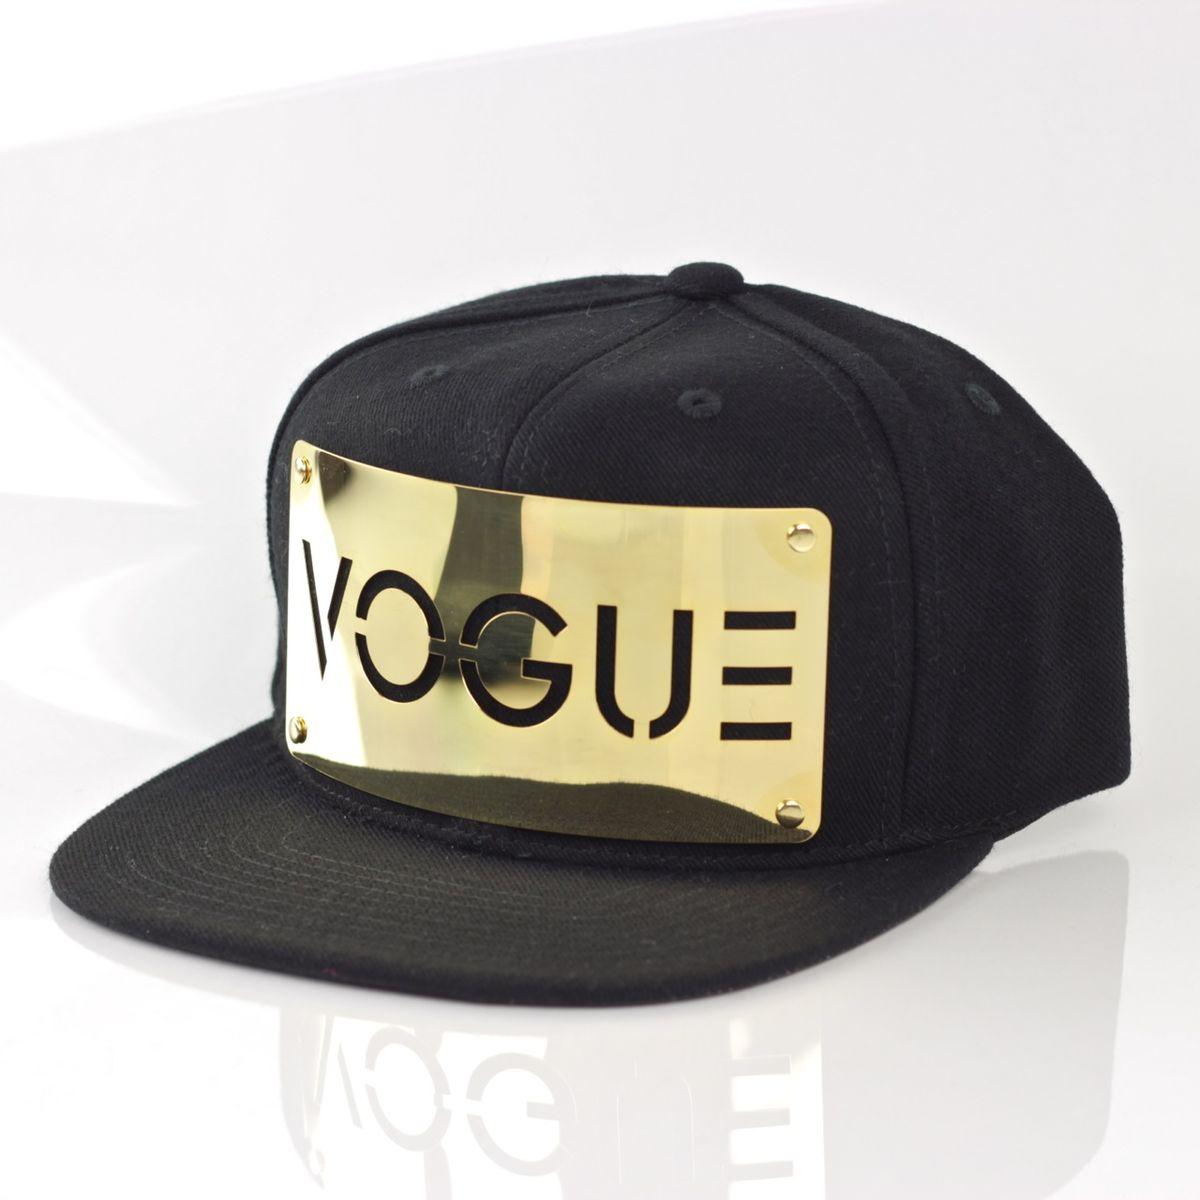 Vogue 18K Gold Snapback - Karl Alley Original Hardware 9160ee5bb48b